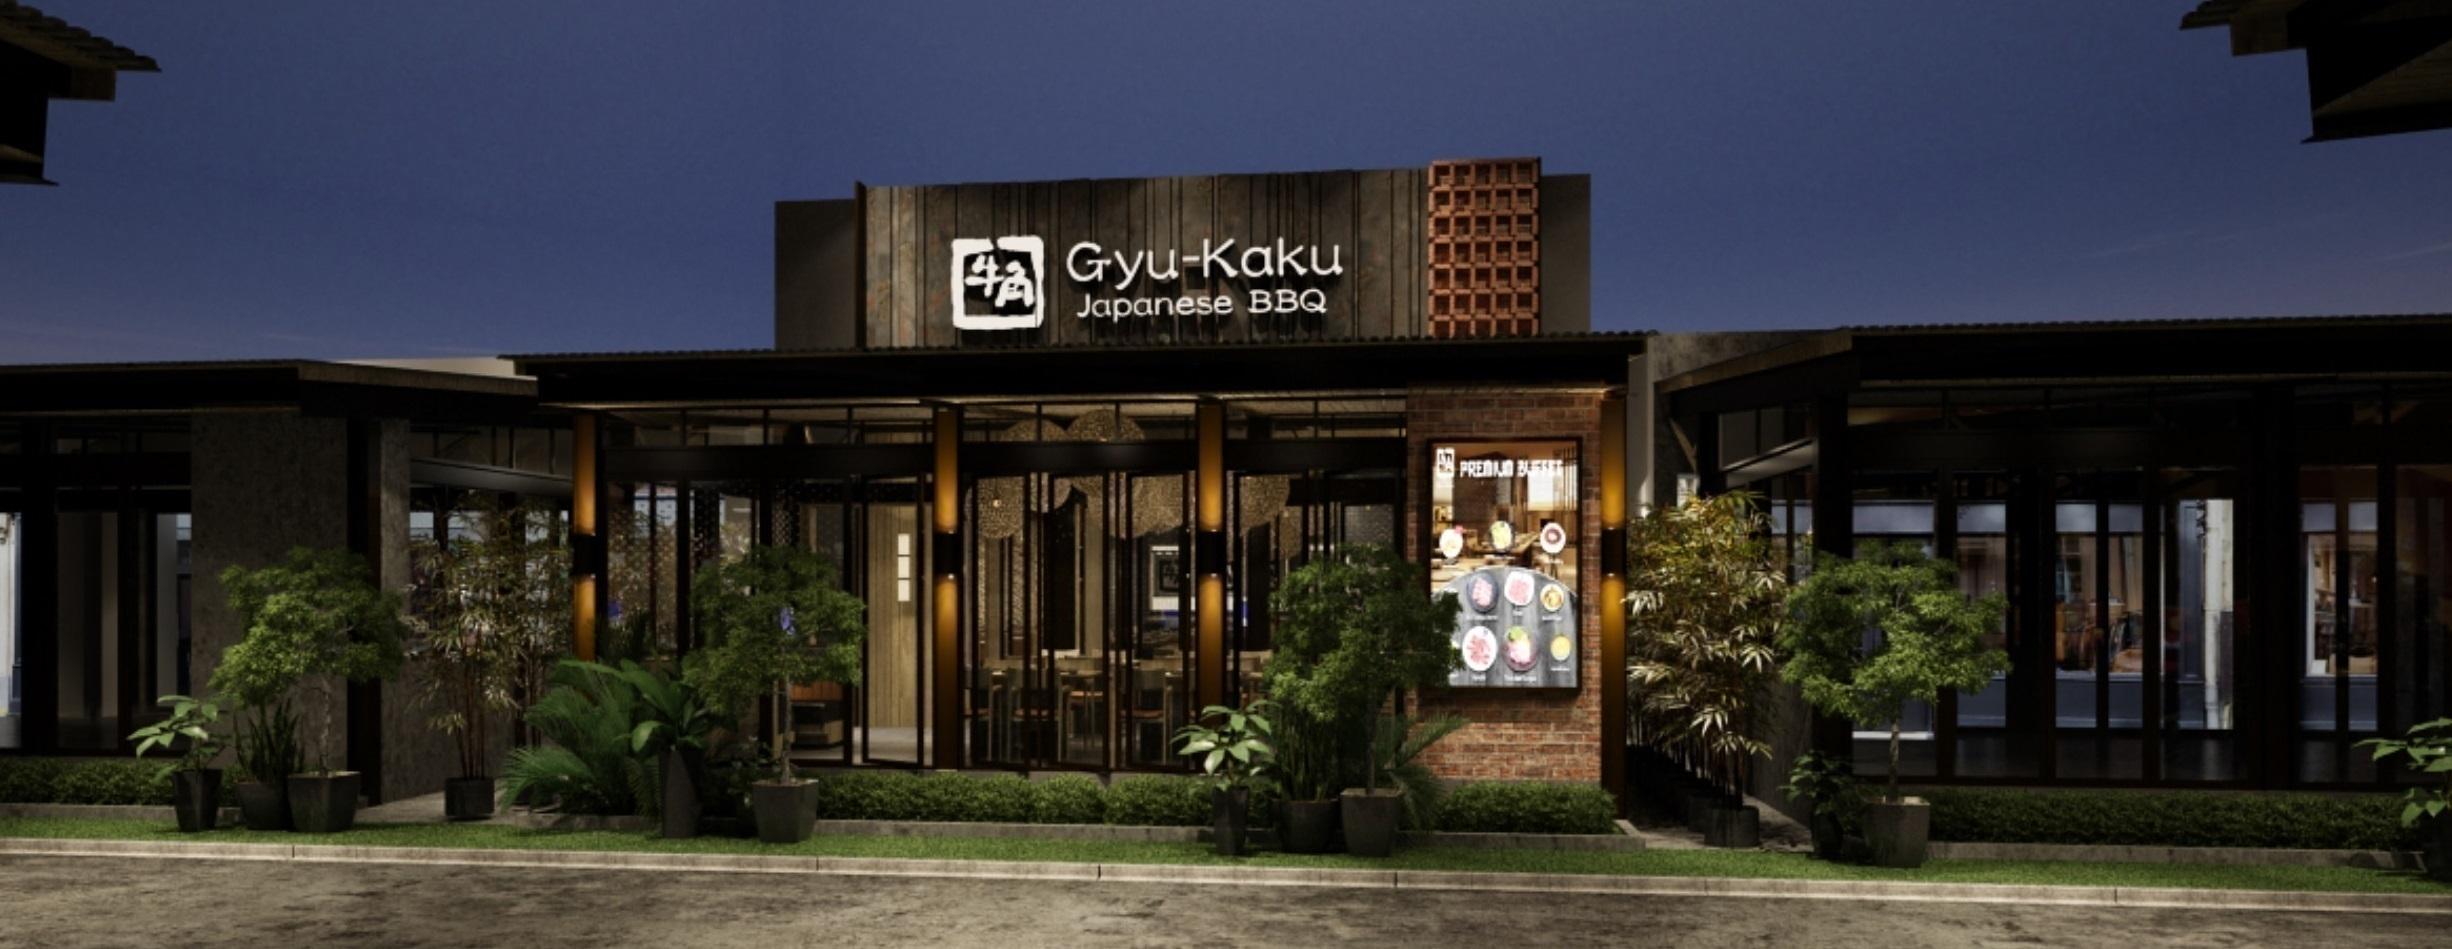 コロワイド 「牛角」、インドネシア第3の都市ヴァンドン市へ初進出 2019年までに50店舗体制を目指し店舗数拡大!|株式会社コロワイドのプレスリリース